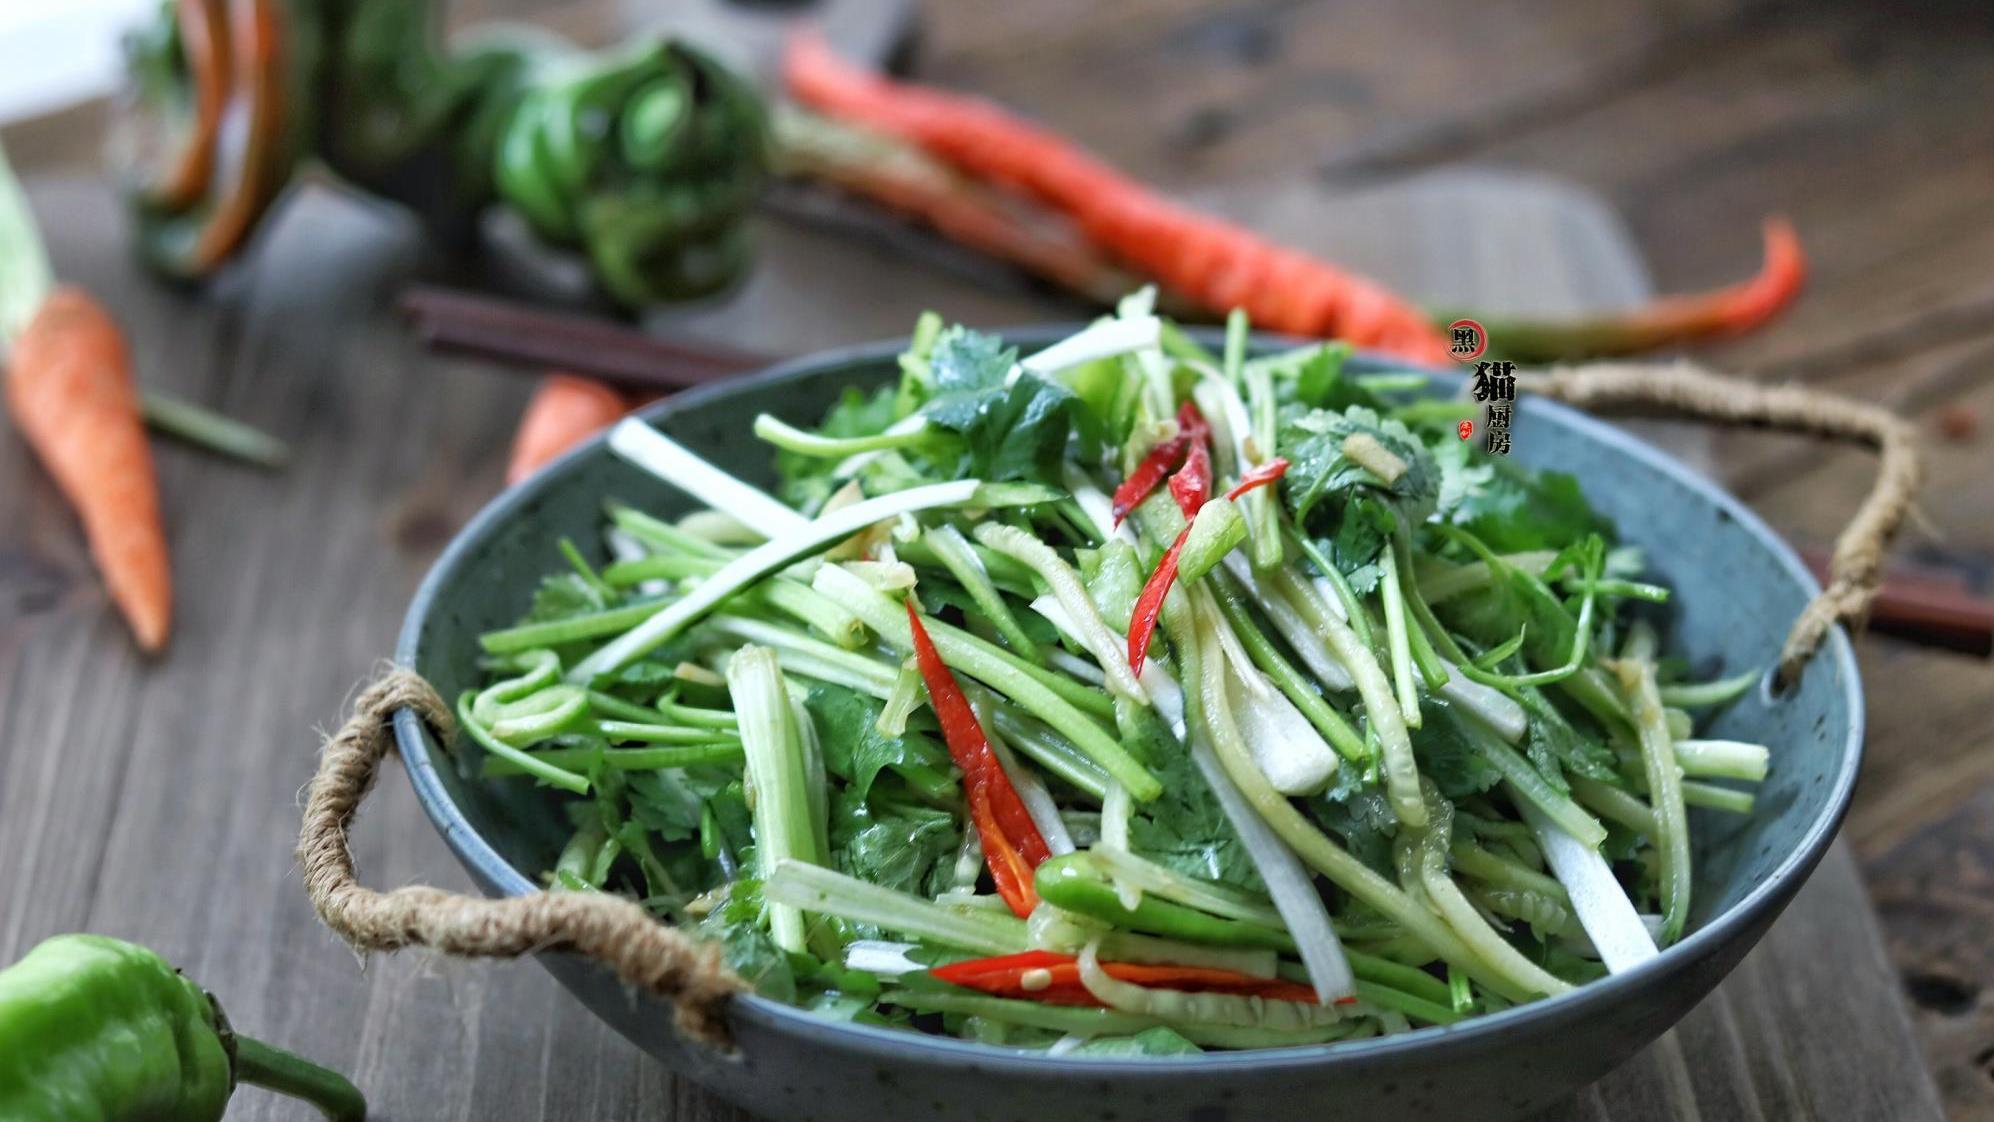 南方人最钟爱的东北家常菜之一,解腻清肠胃,吃过一次就念念不忘